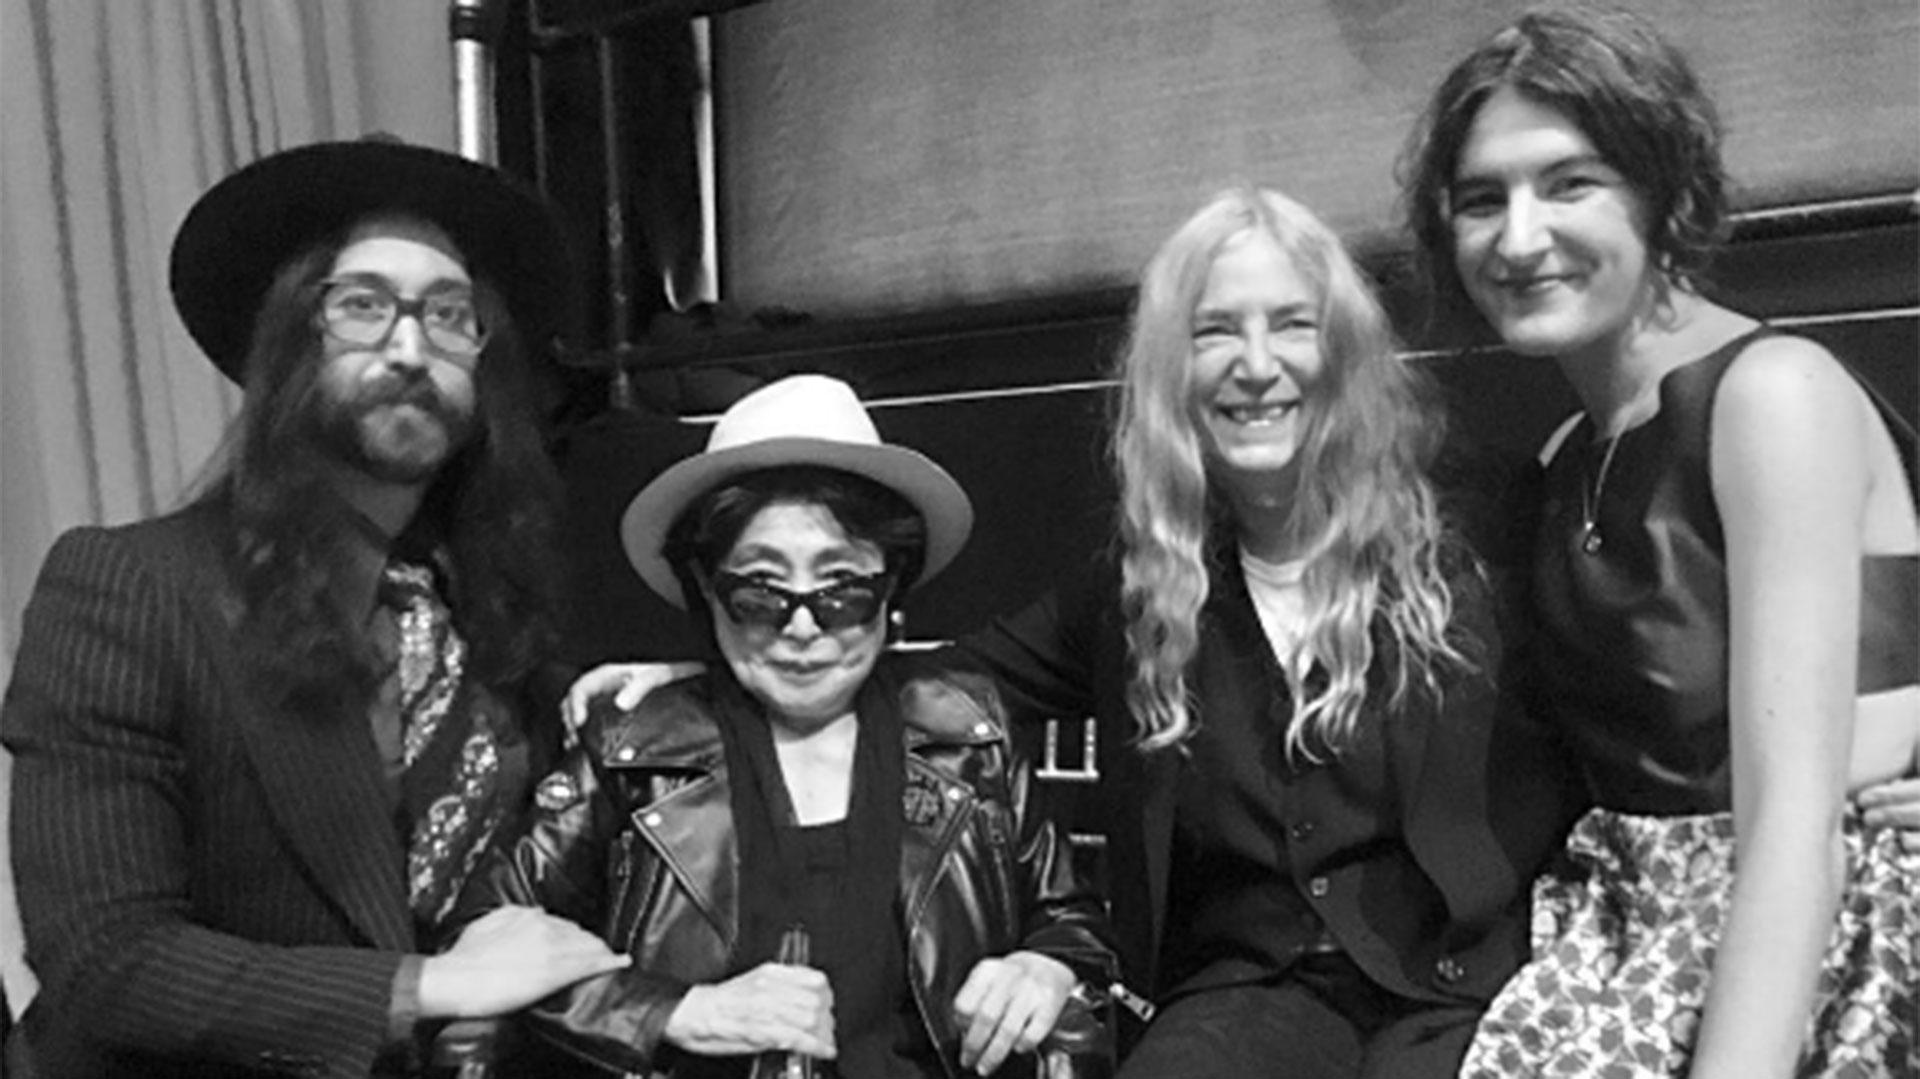 Sean Lennon, Yoko Ono, Patti y Jesse Smith, luego de recibir el premio Centennial Song en Nueva York y conocer que finalmente la viuda de John Lennon sería reconocida como coautora de Imagine (Instagram)